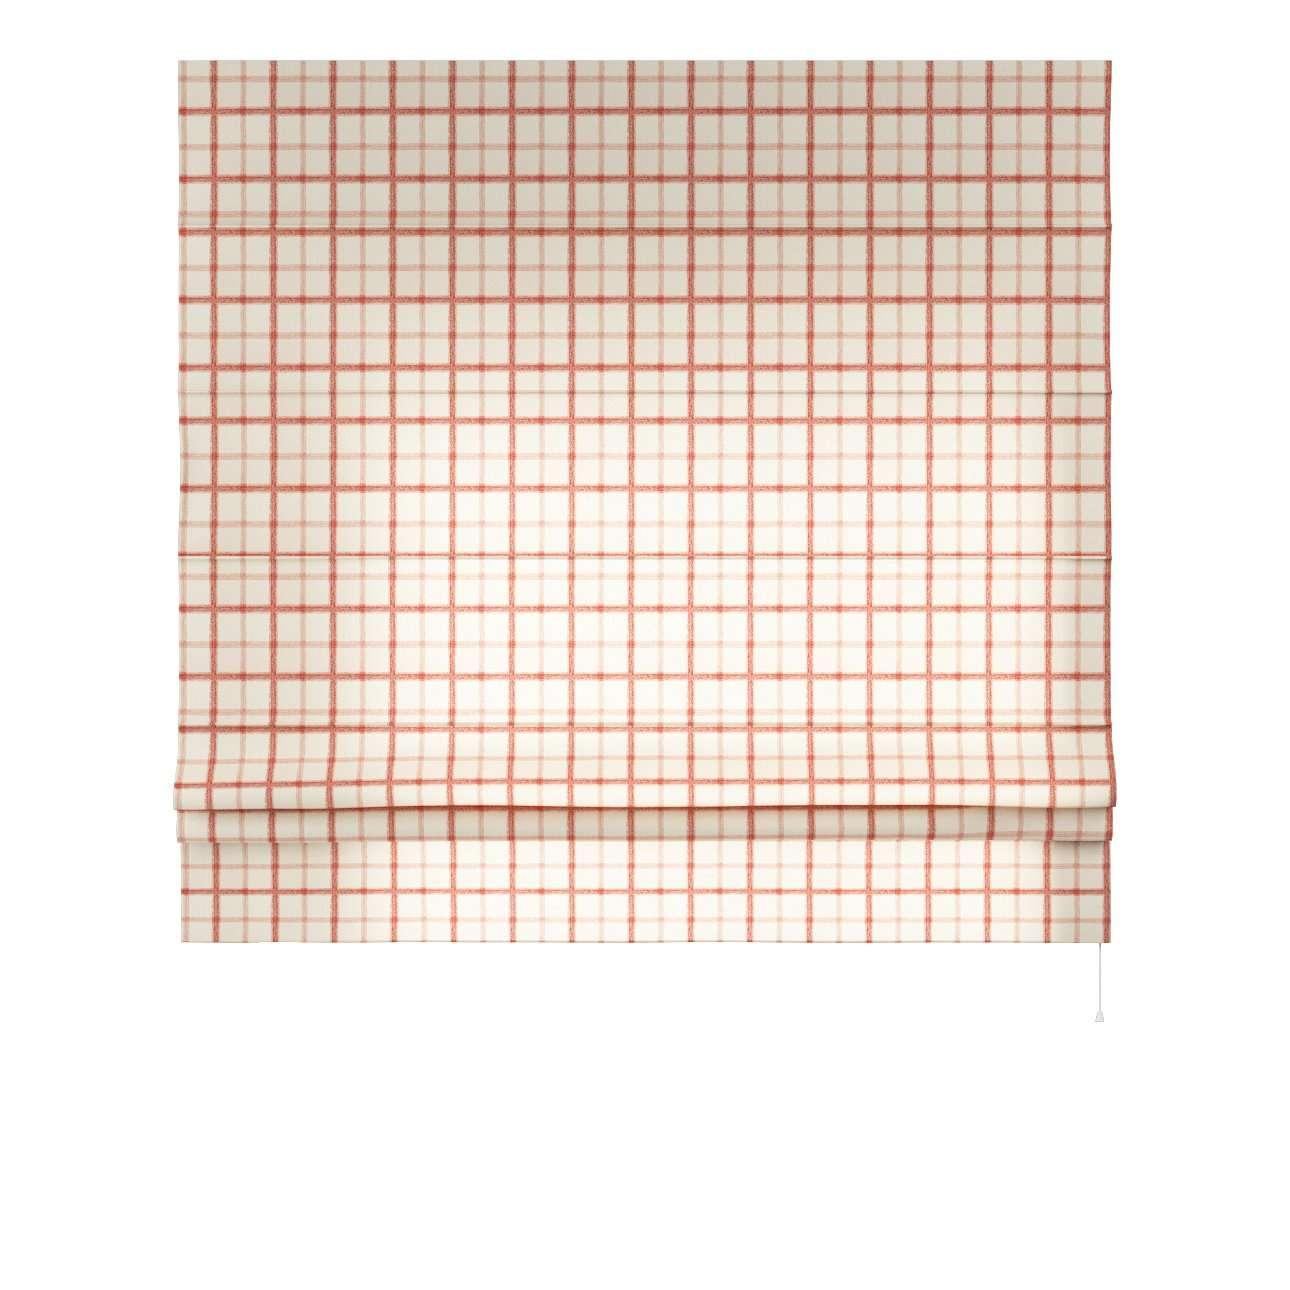 Vouwgordijn Padva van de collectie Avinon, Stof: 131-15